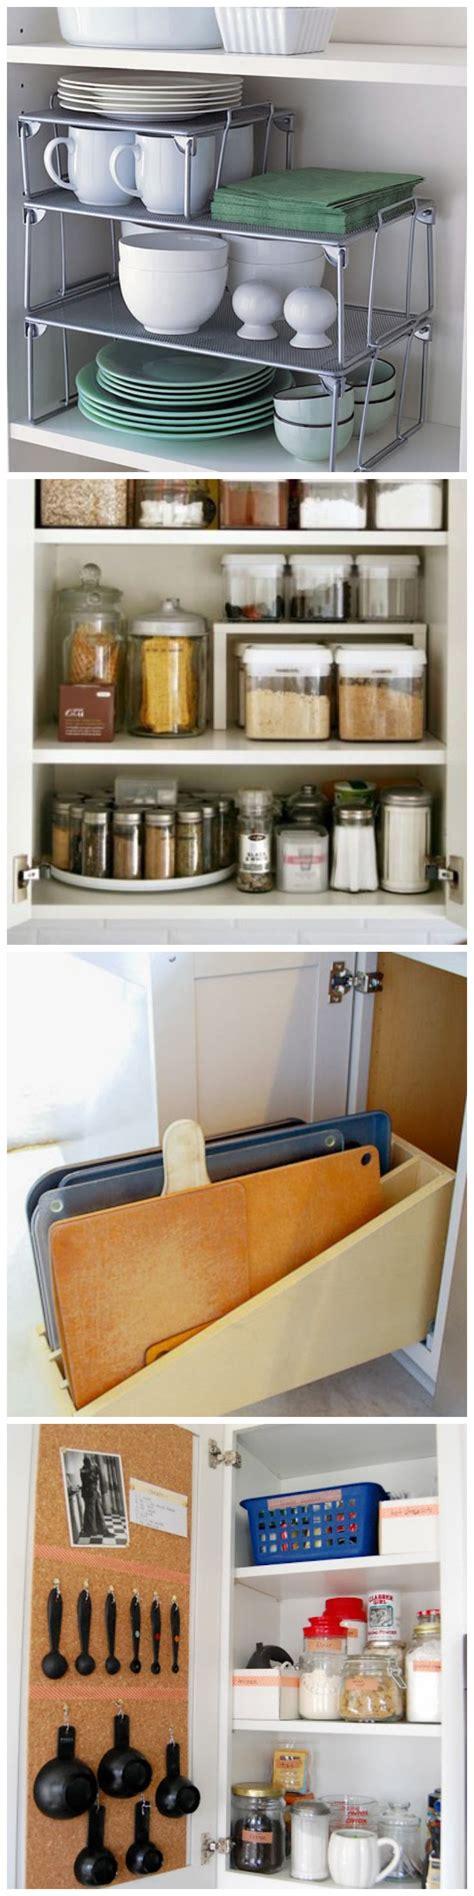 apartment kitchen organization 25 best ideas about small kitchen organization on 1312